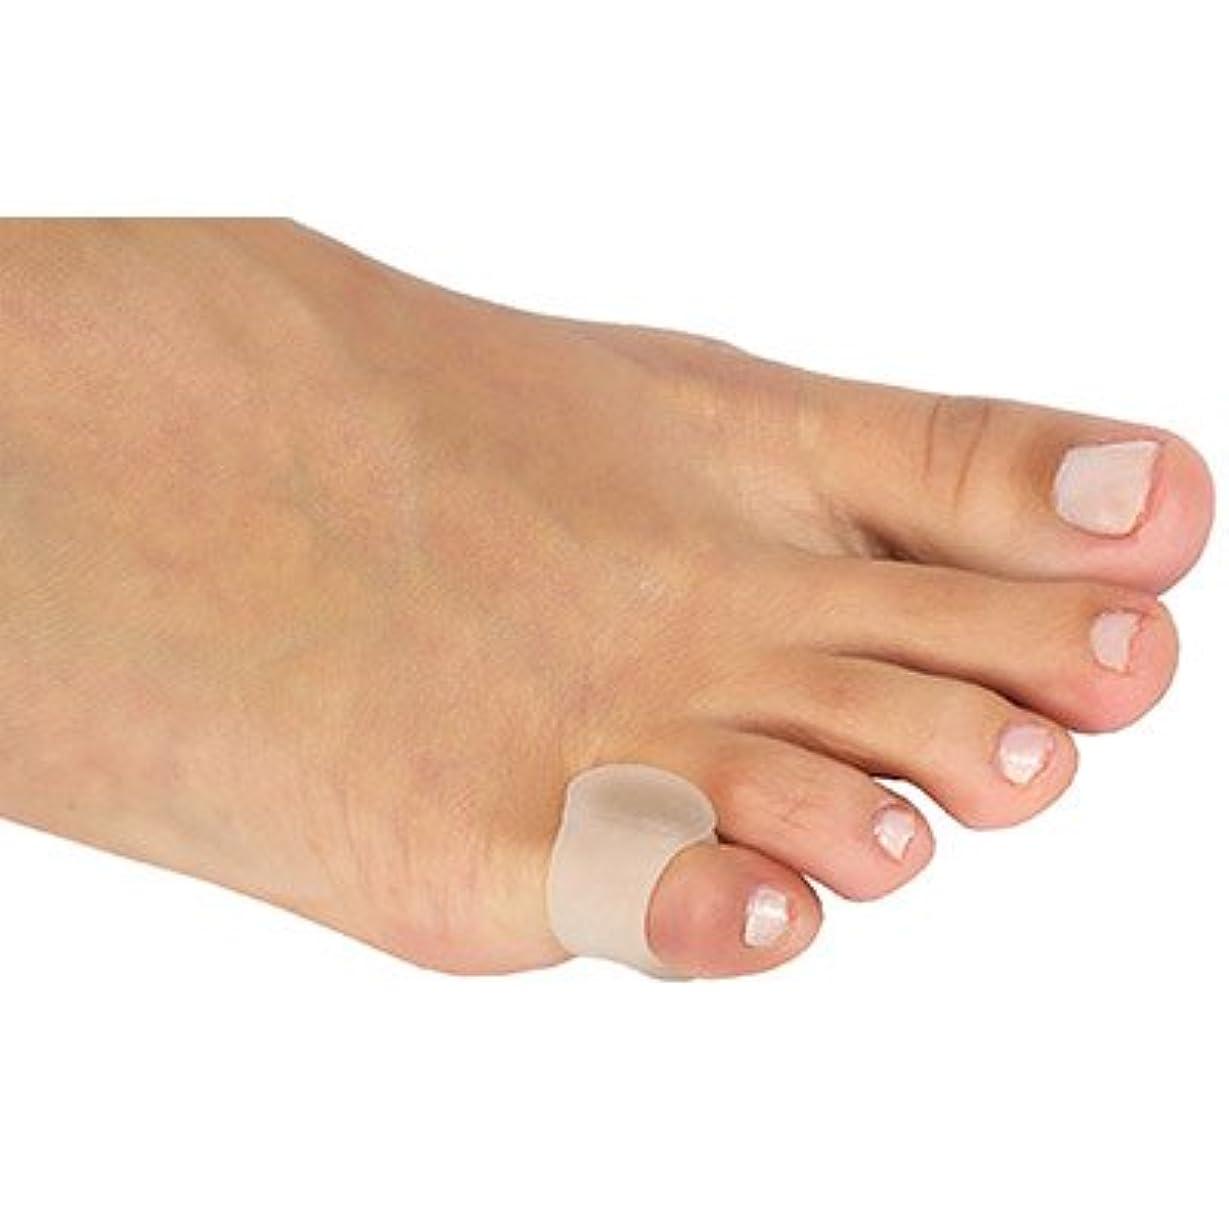 プレビスサイト贅沢堂々たる内反小趾用足指スペーサー(P26-M)(サイズM)